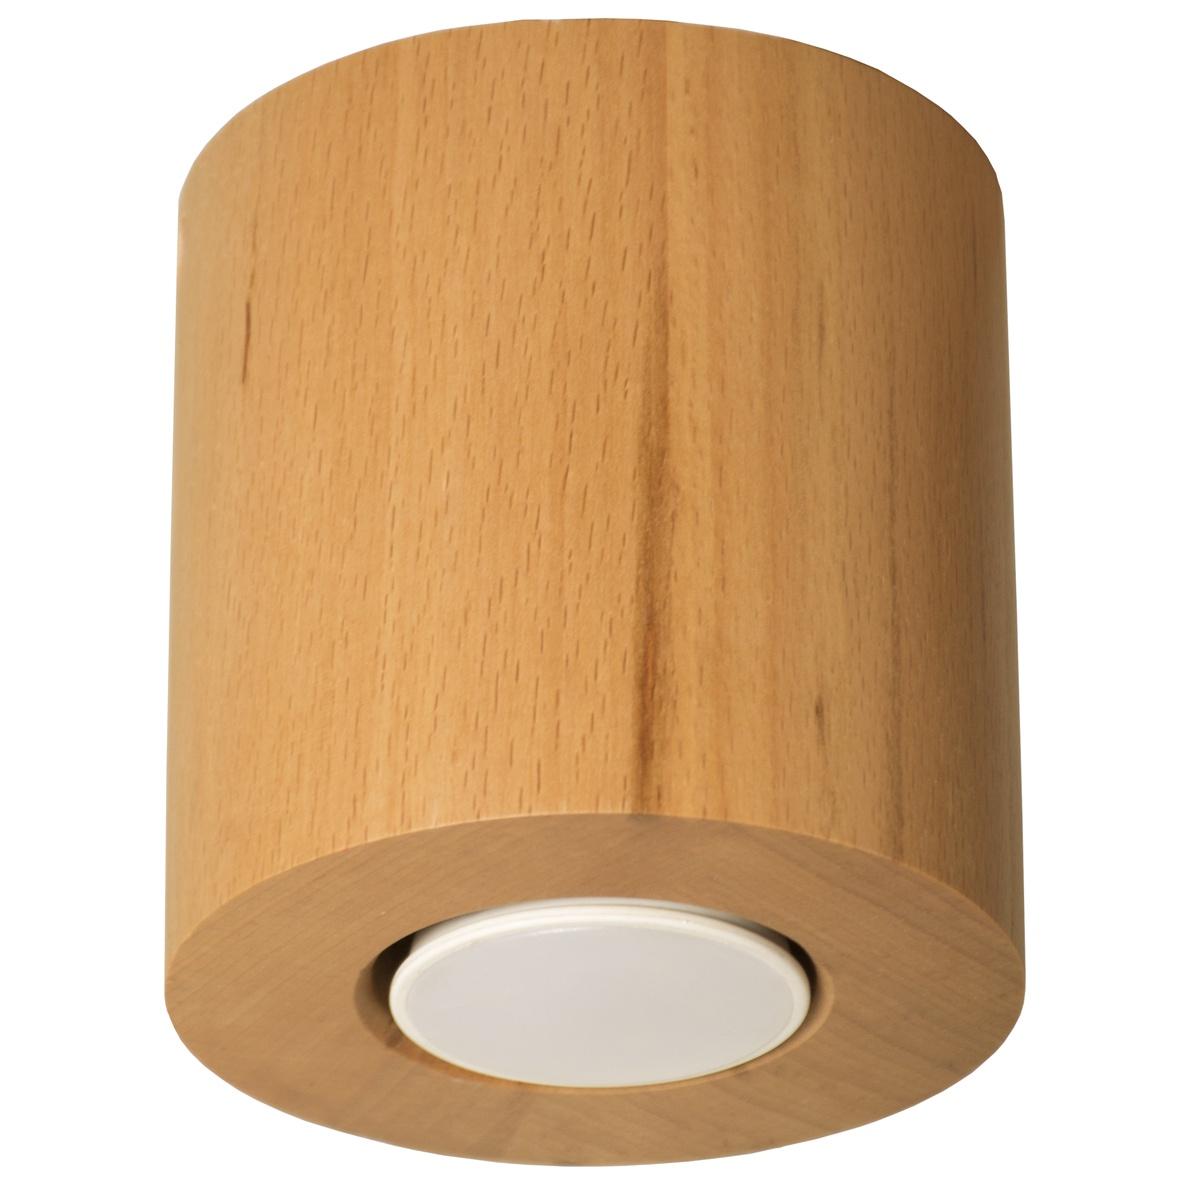 Потолочный светильник Дубравия Светильник потолочный Ротондо 1хGU10х40Вт, натуральный, 226-70-61 накладной светильник дубравия кватро 225 70 61